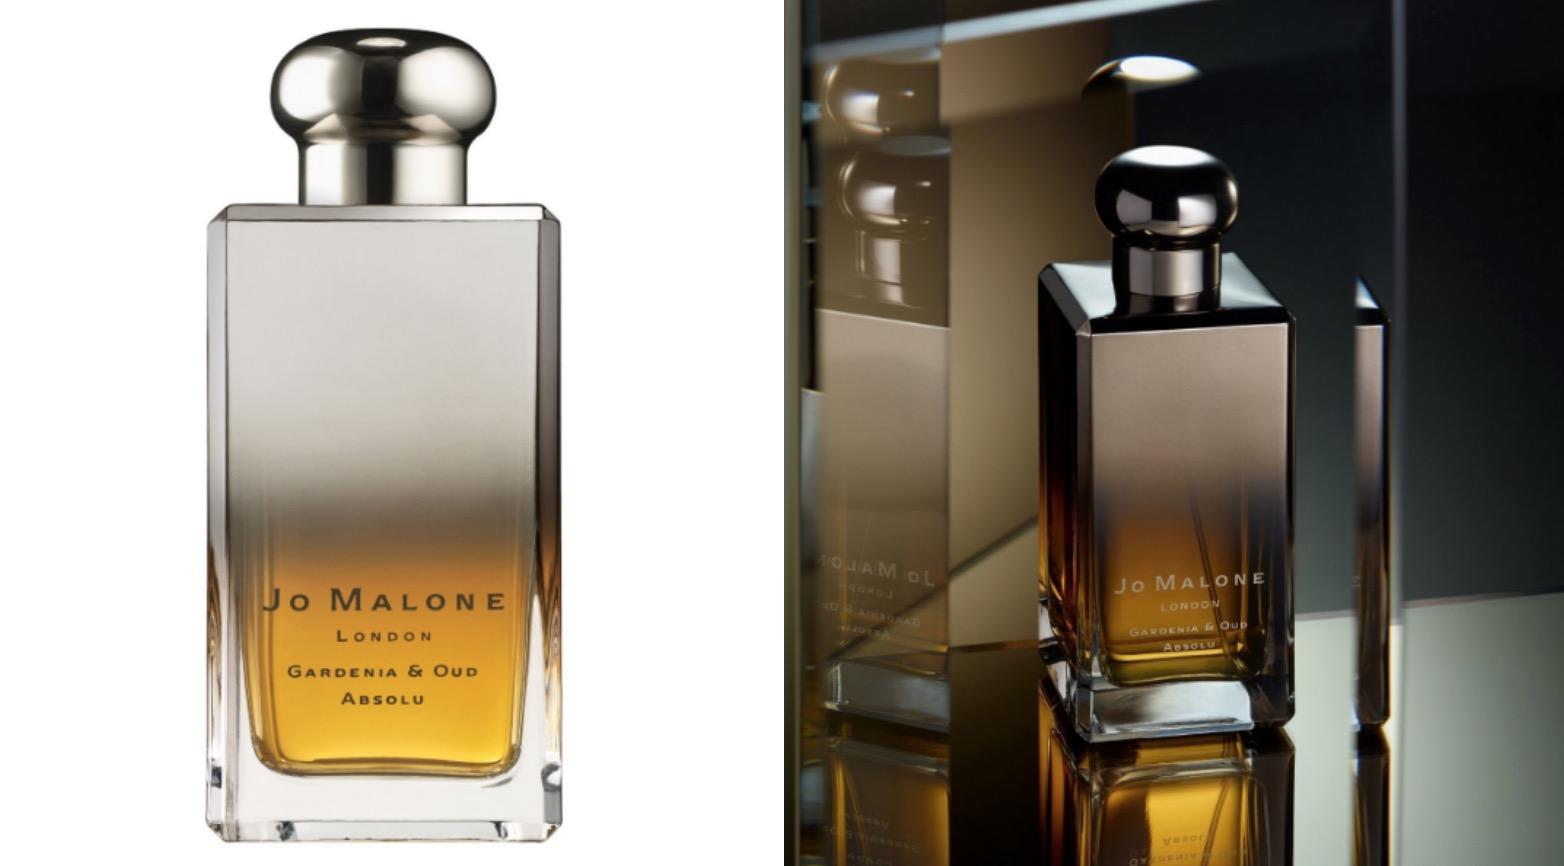 散發甜美溫暖香調,秉持精粹系列大膽捨去前調的調香規則,重新塑造以基調、中調為主的獨特香氛結構